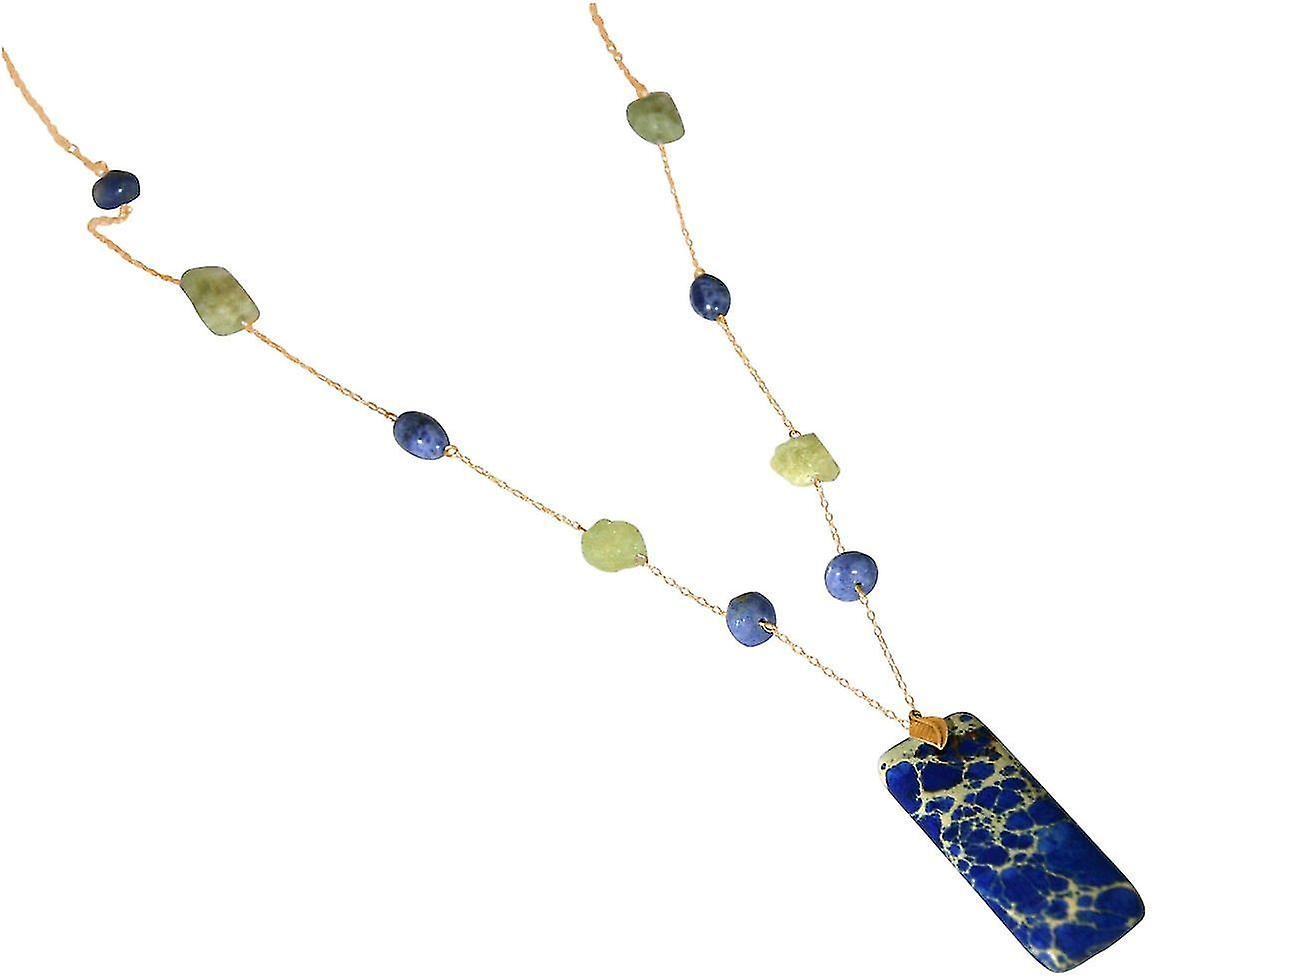 Gemshine femmes Halskette mit Aquamarinen und bleuem Lapis Lbleui Edelstein Anhänger. 925 argent oder veroret - Nachhaltiger, qualitätsvoller Schmuck Made in Gerhommey